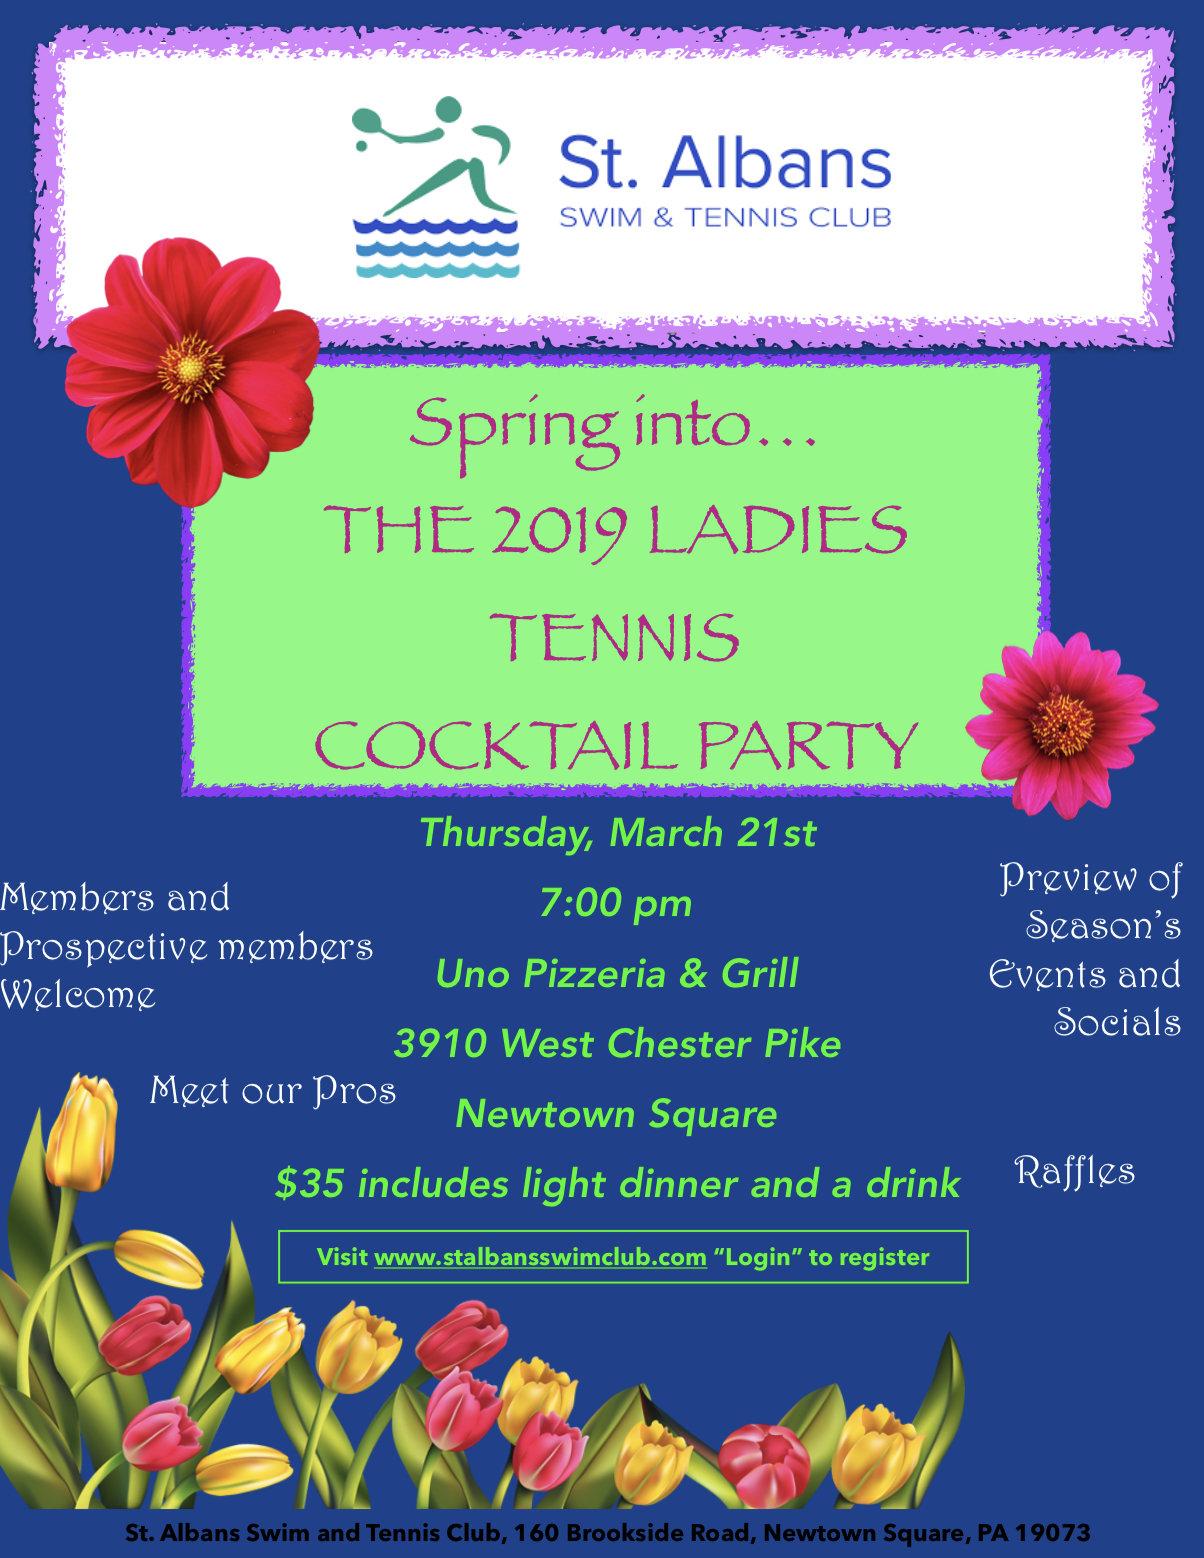 Ladies Cocktail Party.jpg